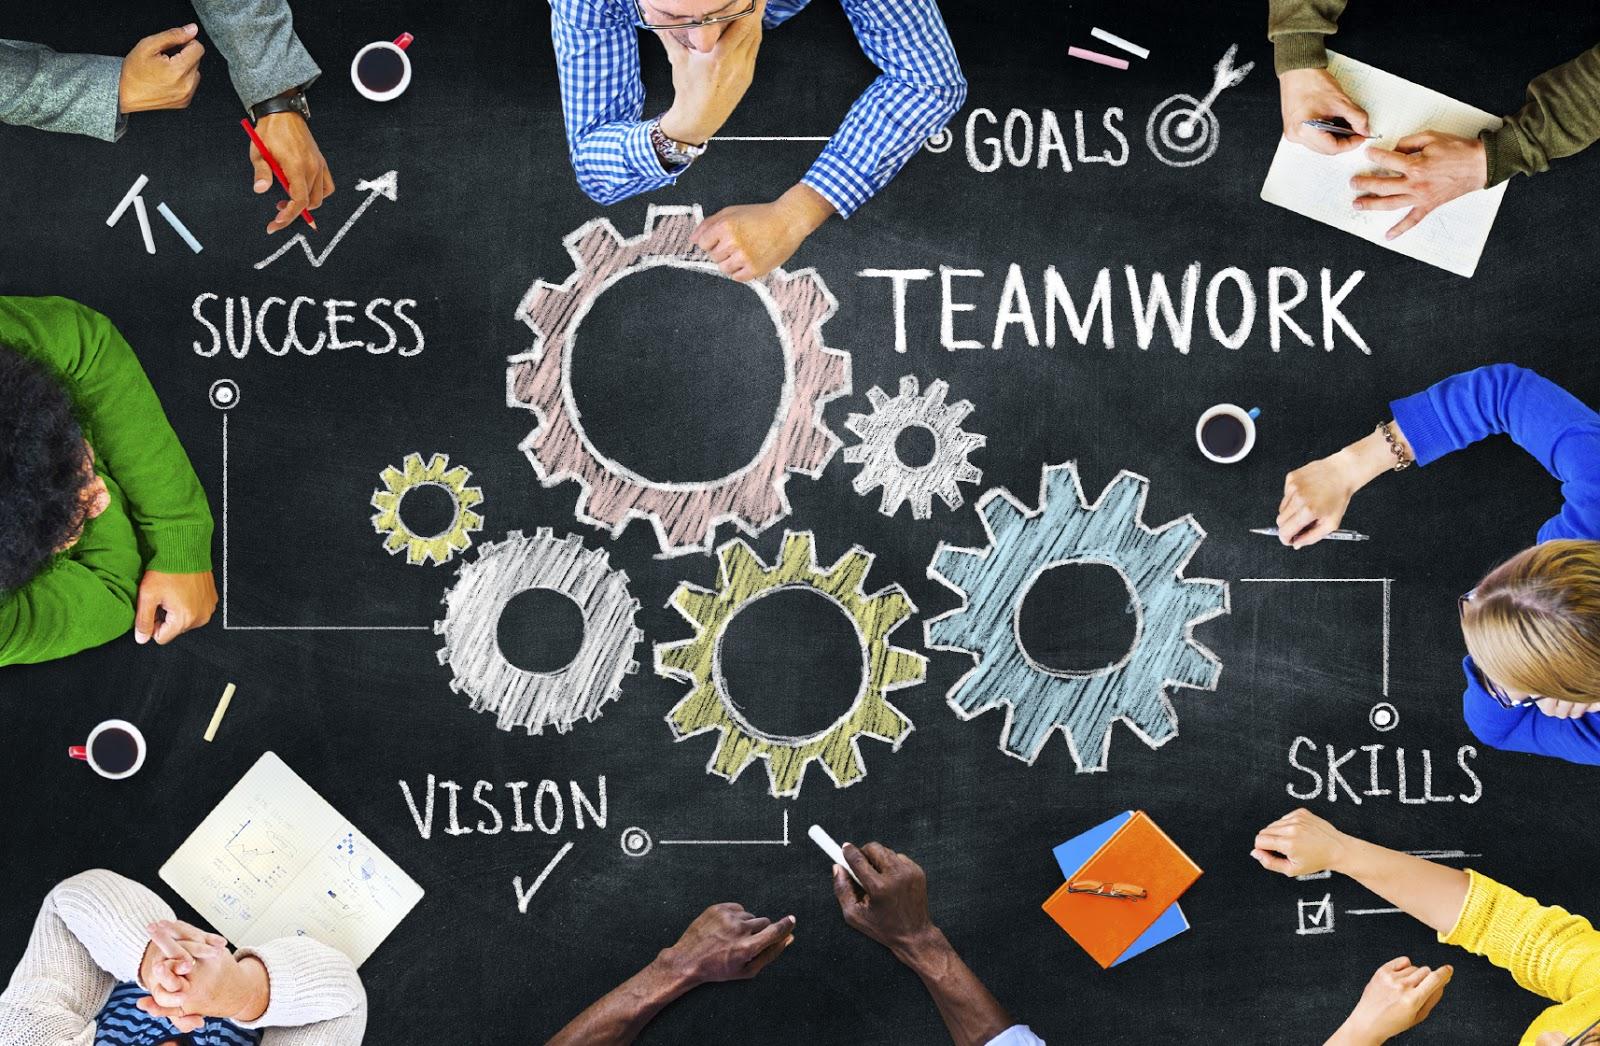 Phương pháp nhận diện ứng viên có kỹ năng làm việc nhóm thông qua ...